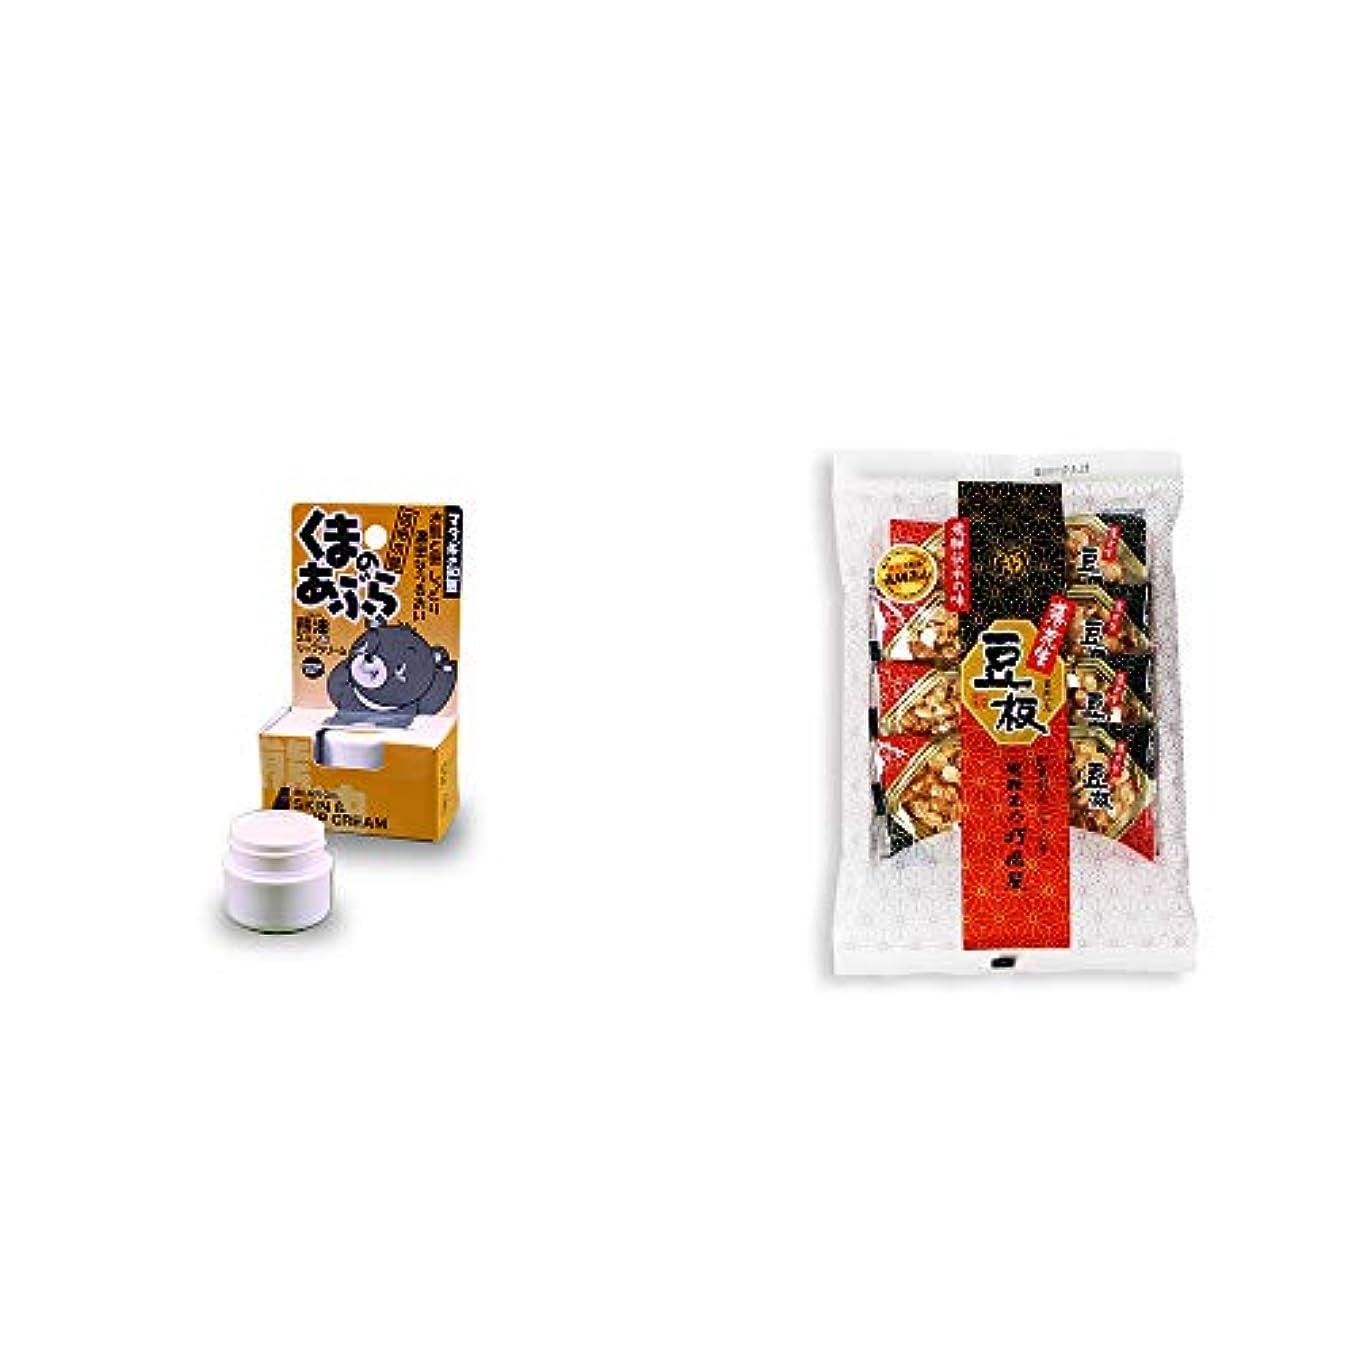 一緒につらい秘書[2点セット] 信州木曽 くまのあぶら 熊油スキン&リップクリーム(9g)?飛騨銘菓「打保屋」の駄菓子 豆板(8枚入)